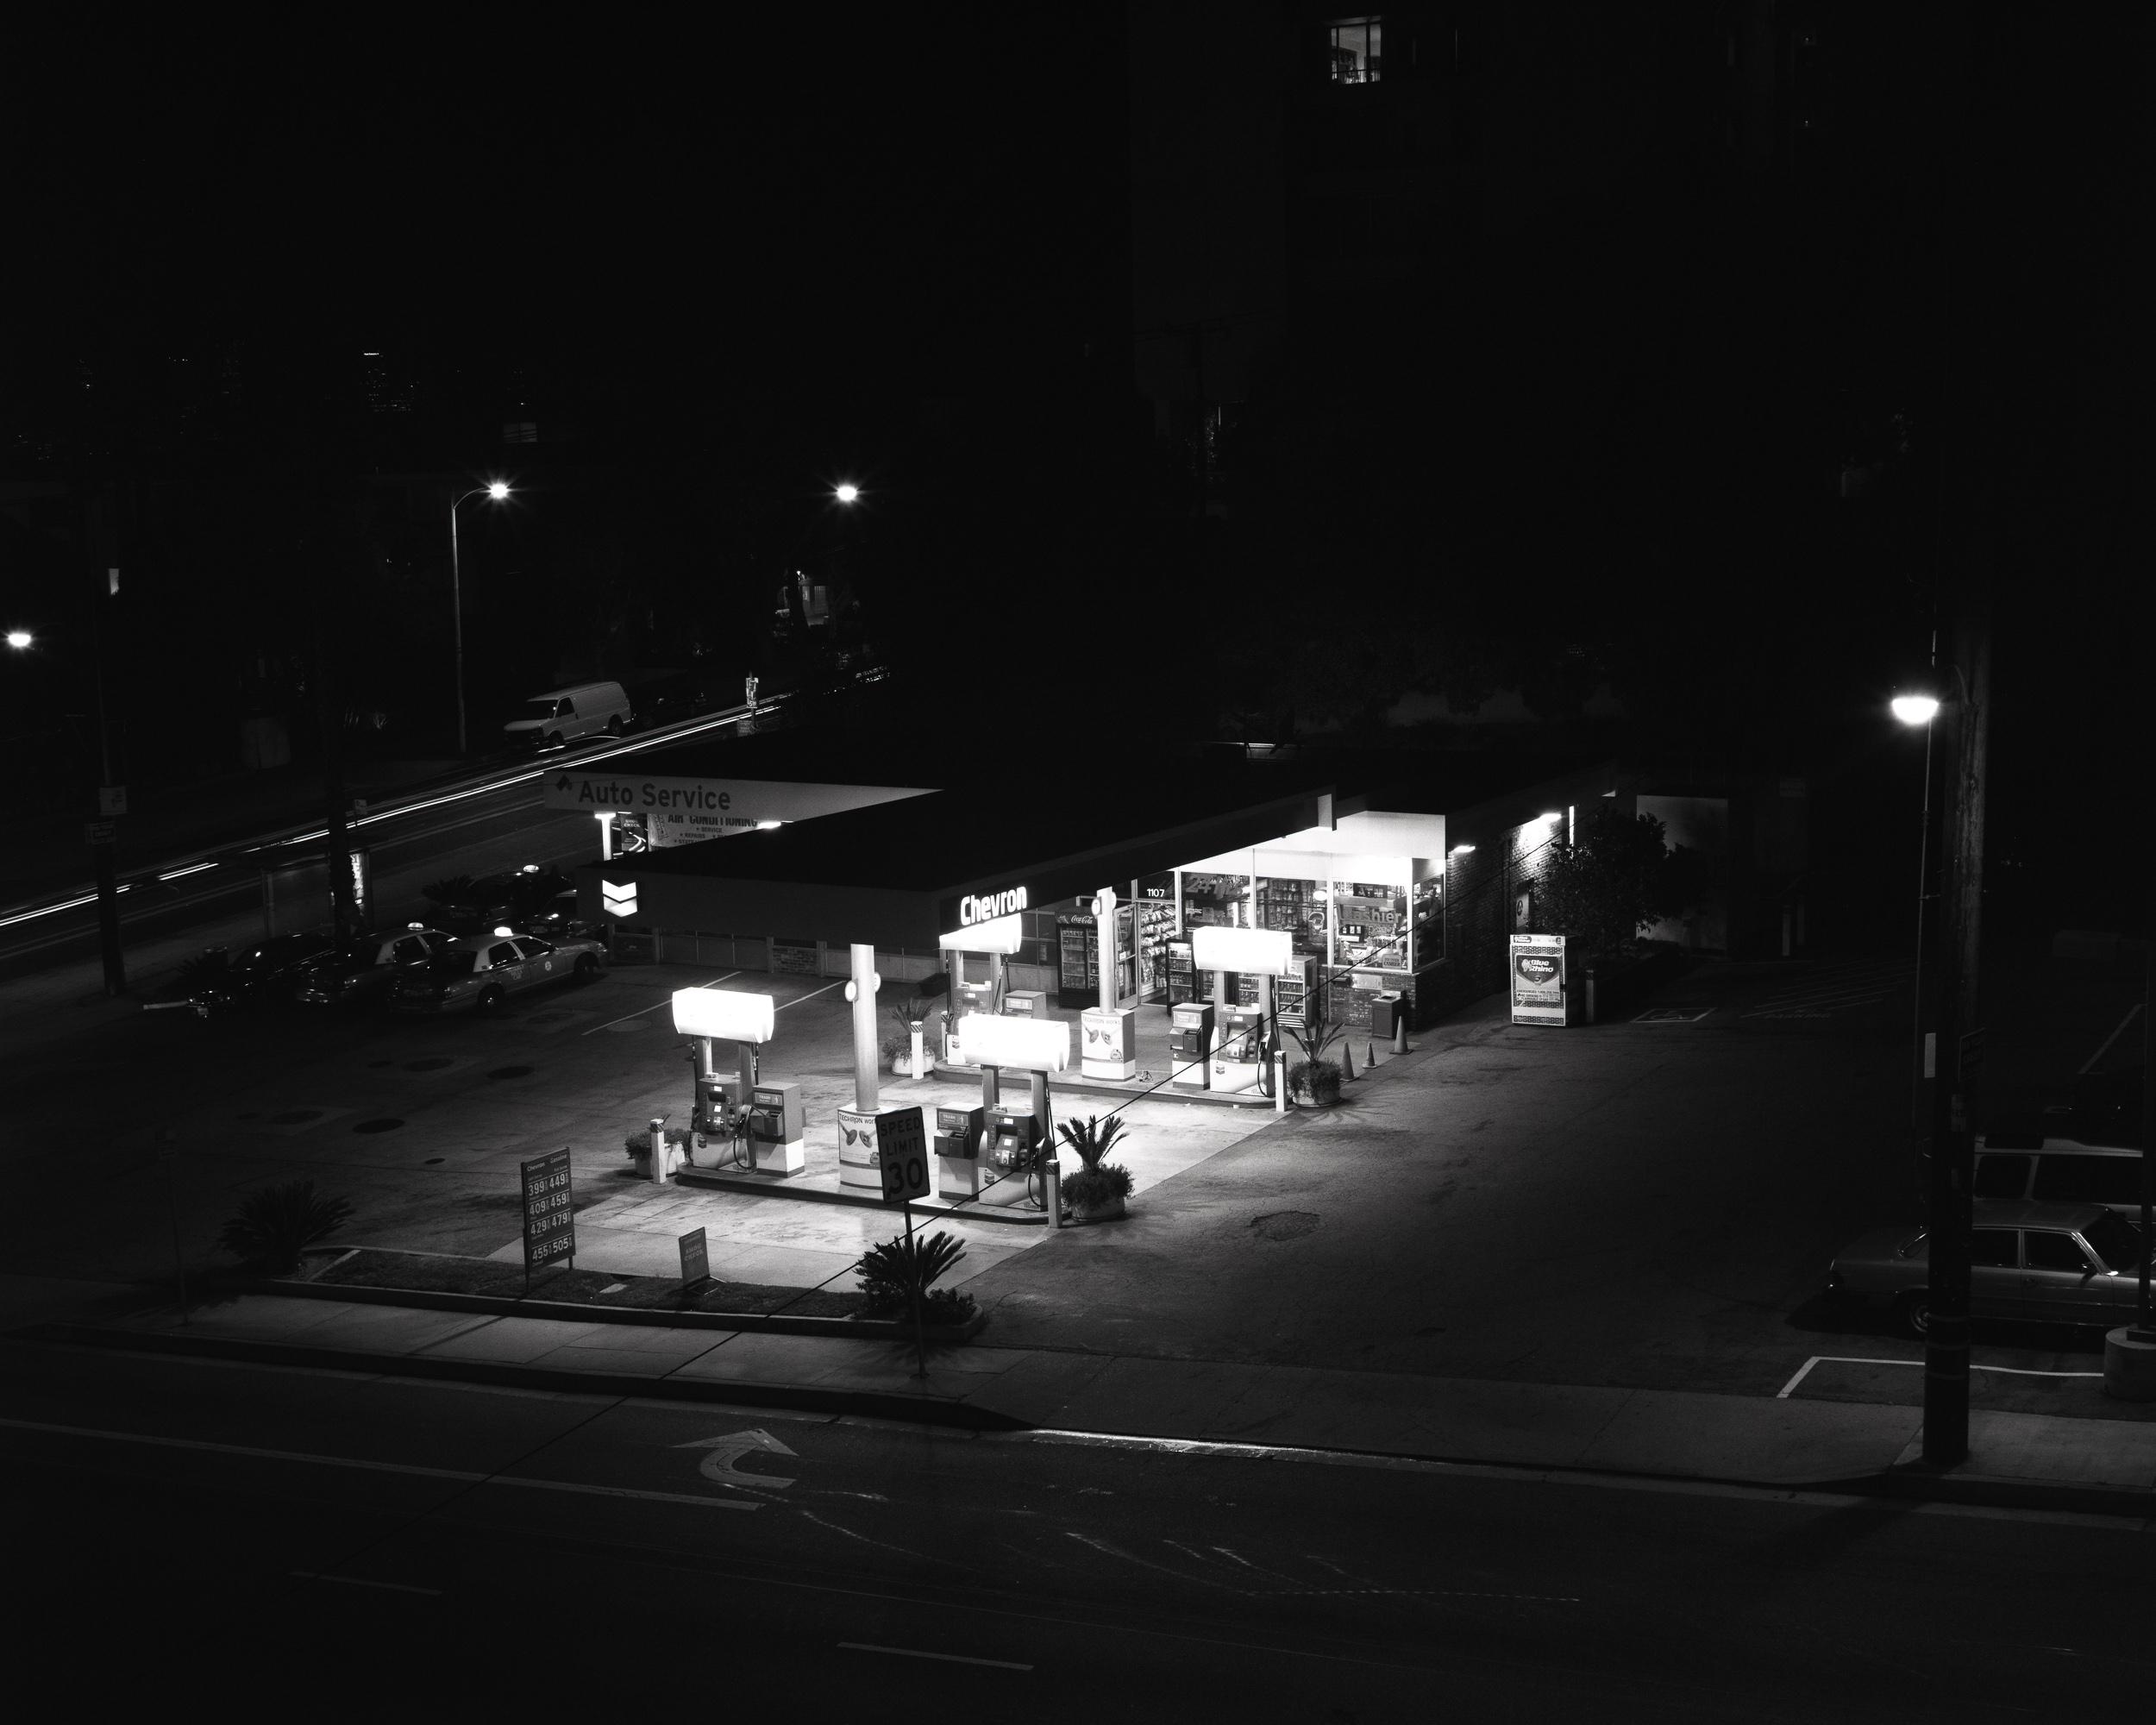 La Cienega Boulevard Chevron Station